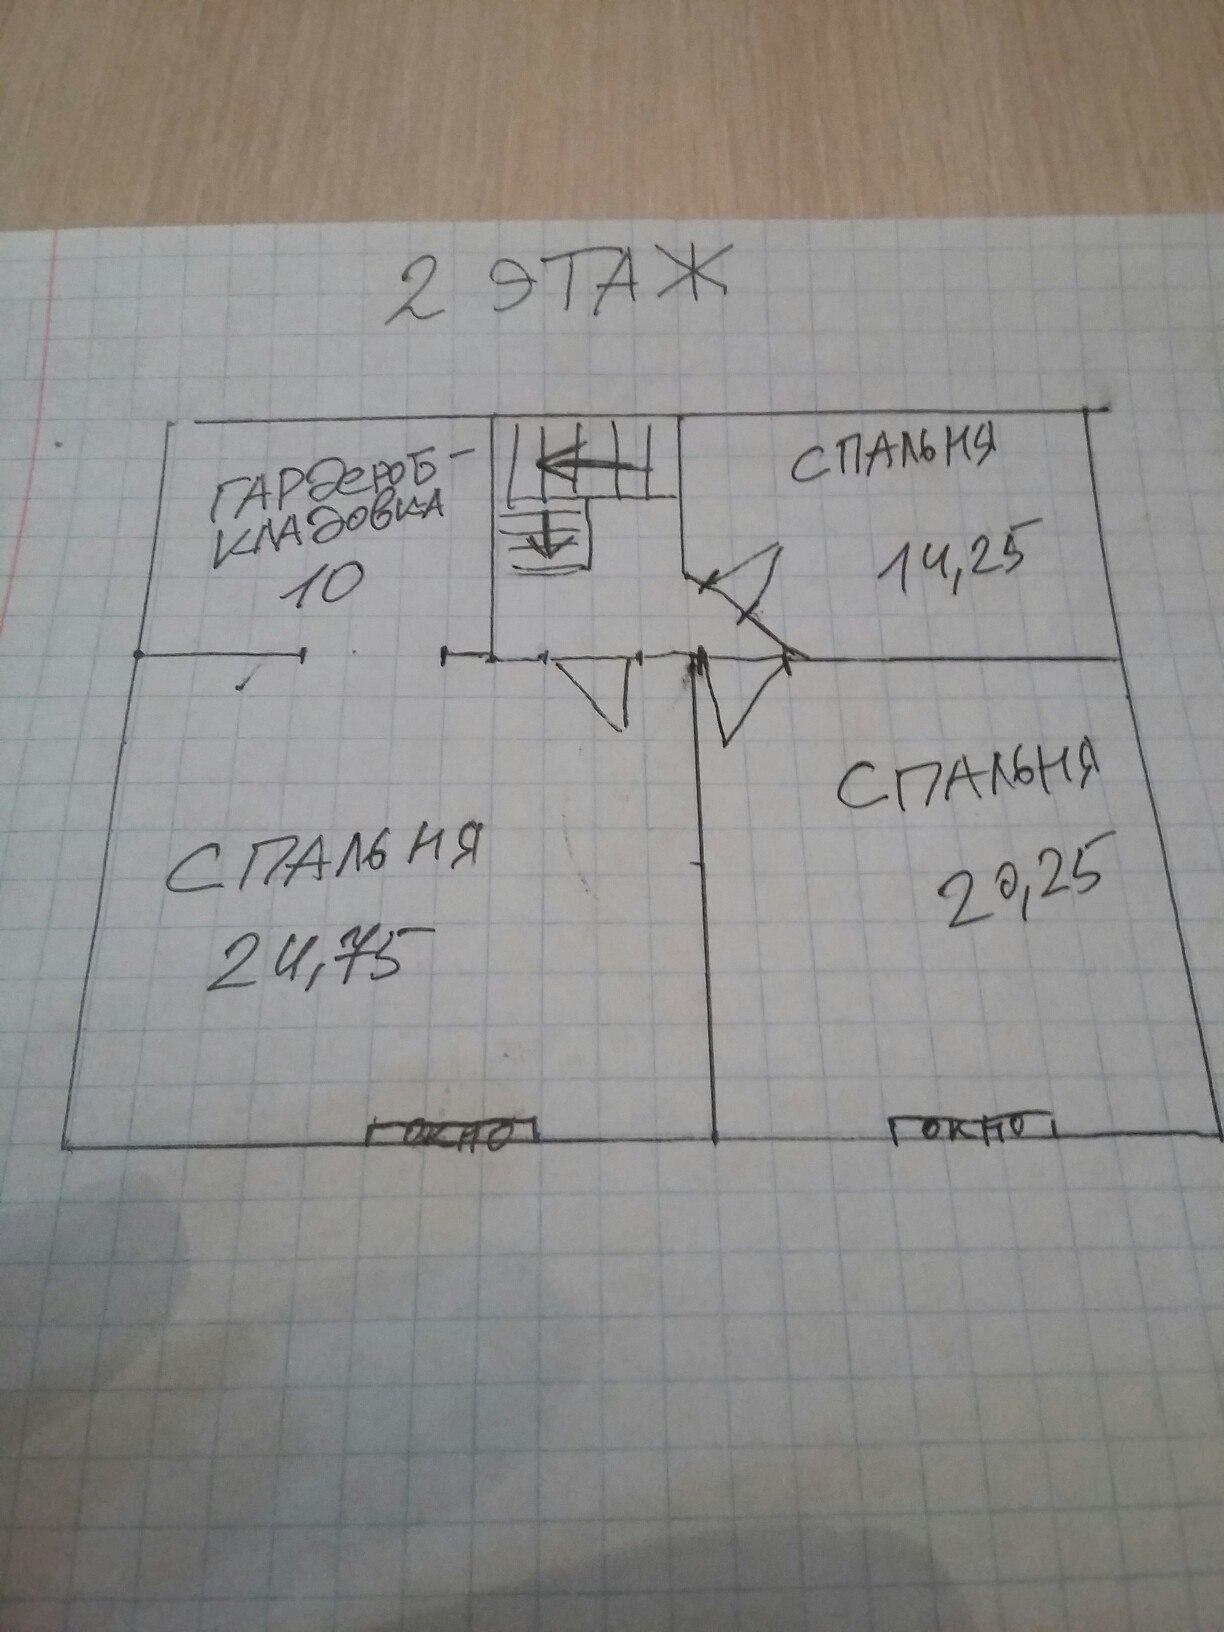 система вентиляции подпола в частном доме схема